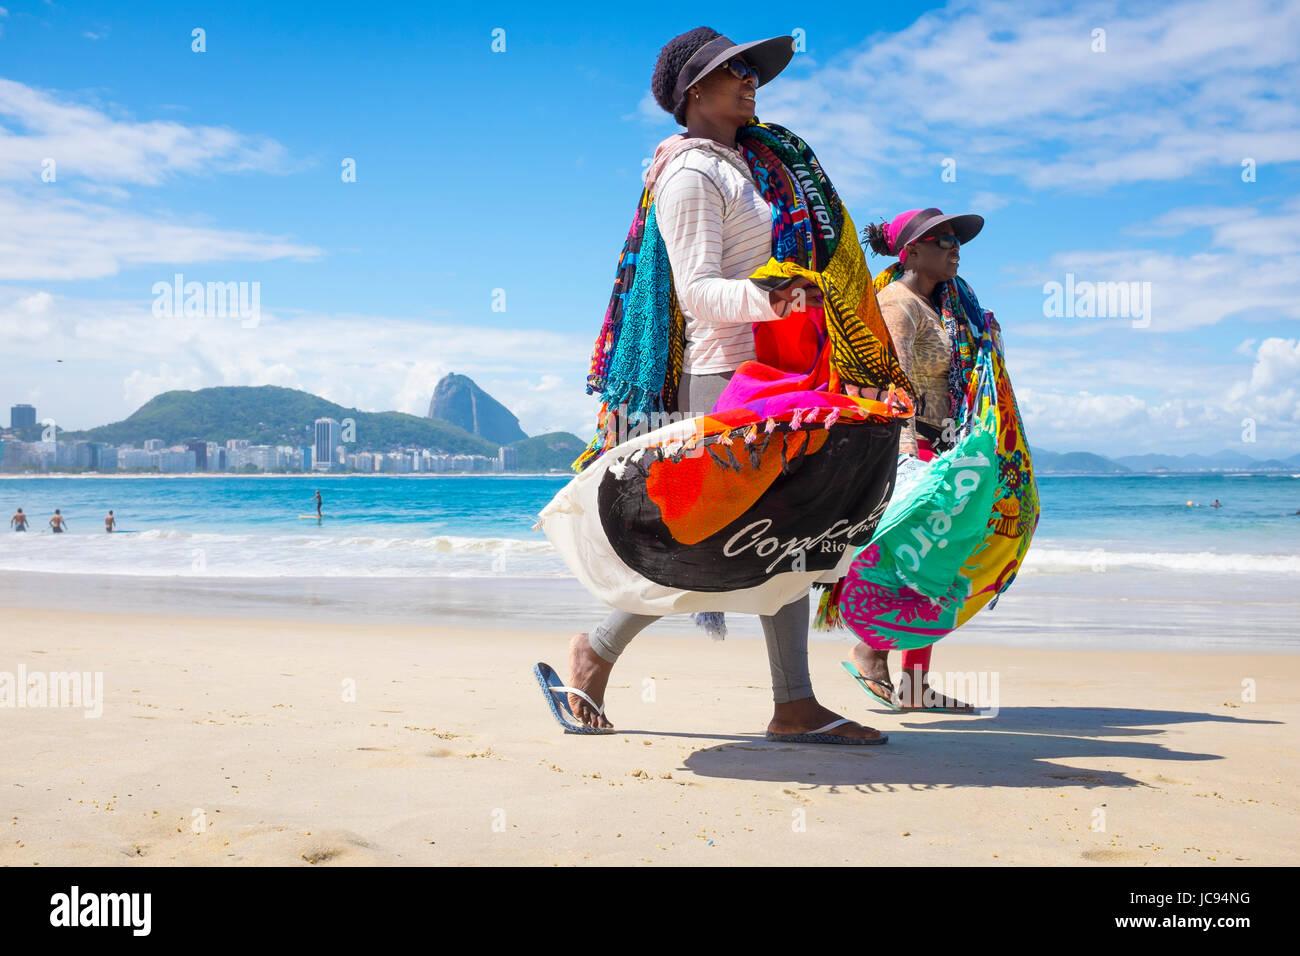 RIO DE JANEIRO - MARCH 21, 2017: Brazilian beach vendors walk along Copacabana Beach selling sarongs or kangas - Stock Image